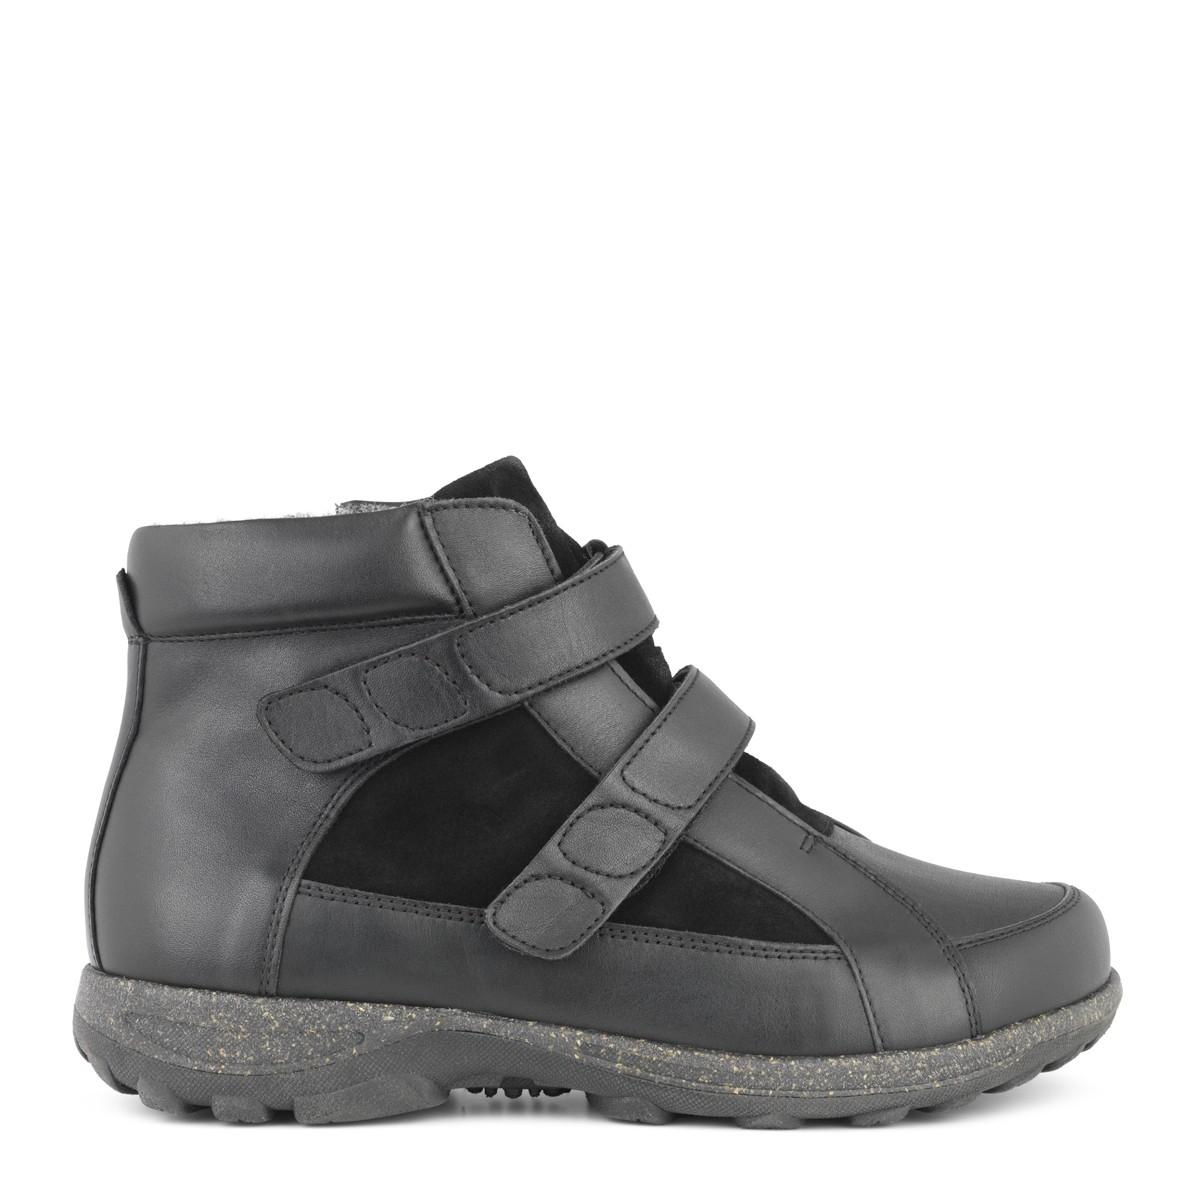 New Feet damestøvle i strækskind med velcrolukning og varmt for - ekstra bred